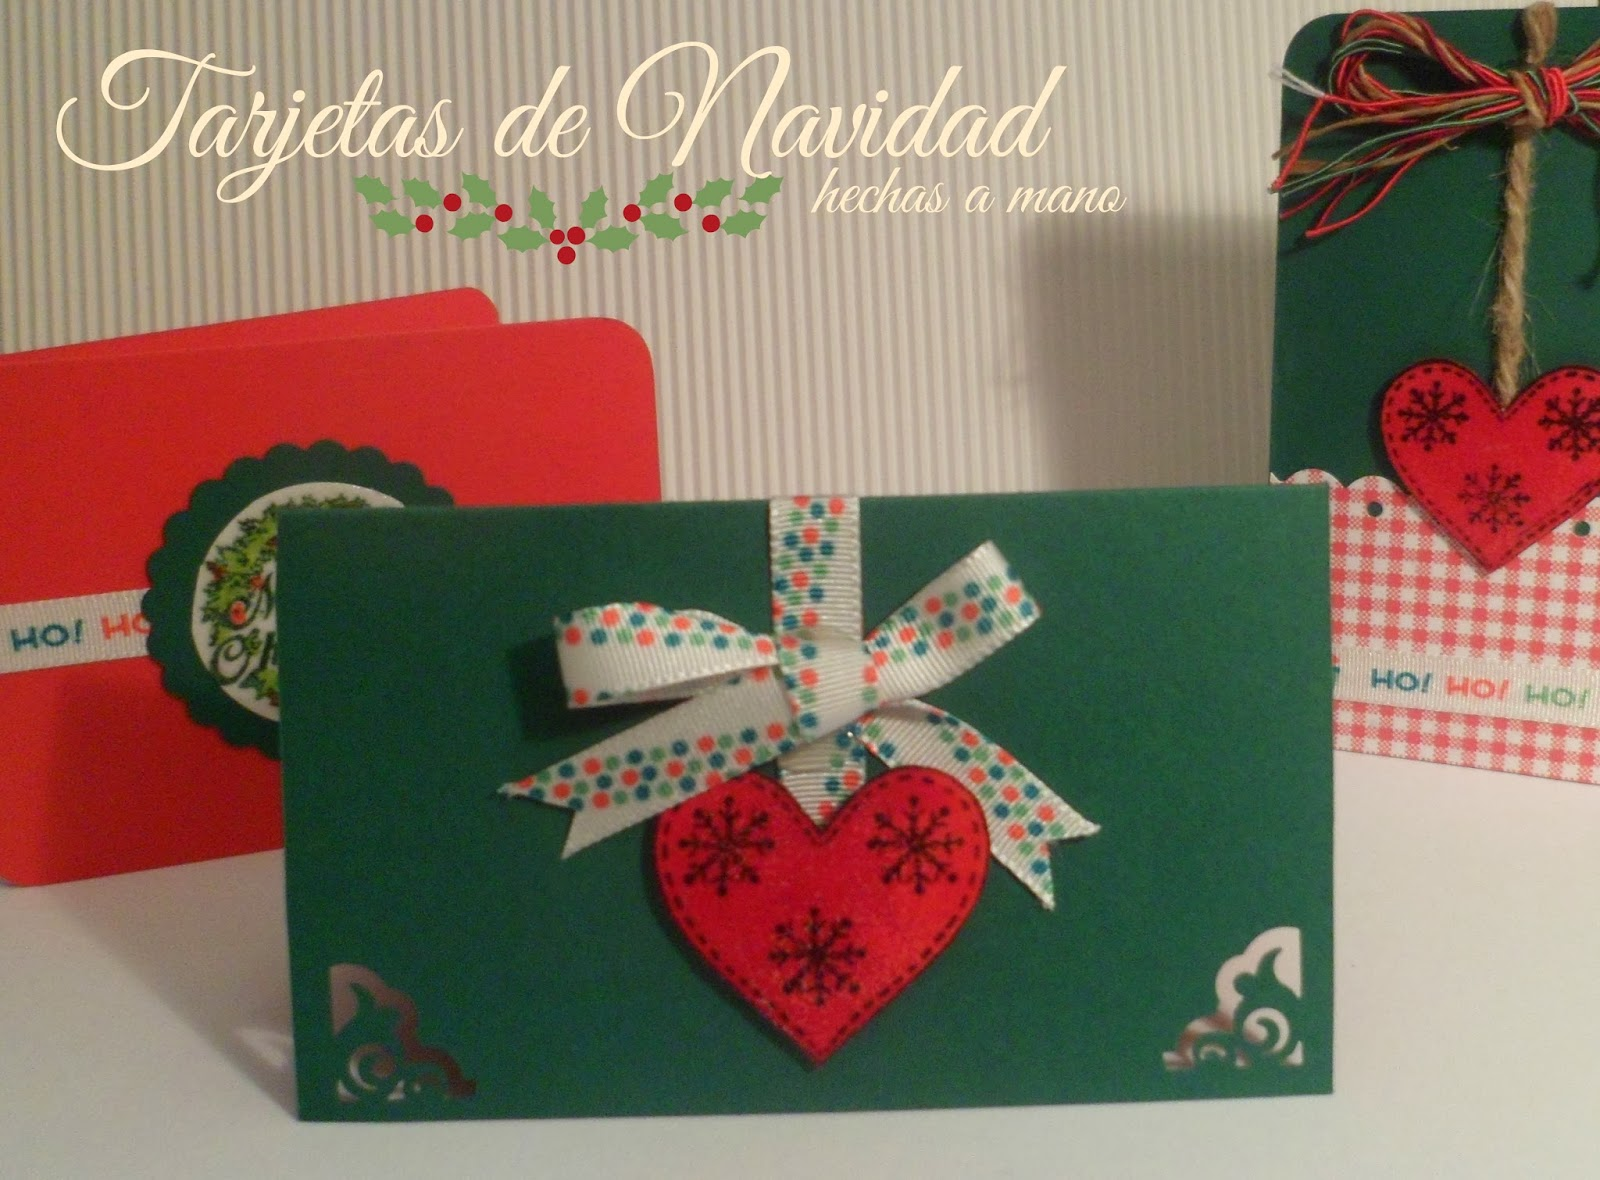 Cookies Ole Ideas Para Tarjetas De Navidad - Ideas-para-tarjetas-de-navidad